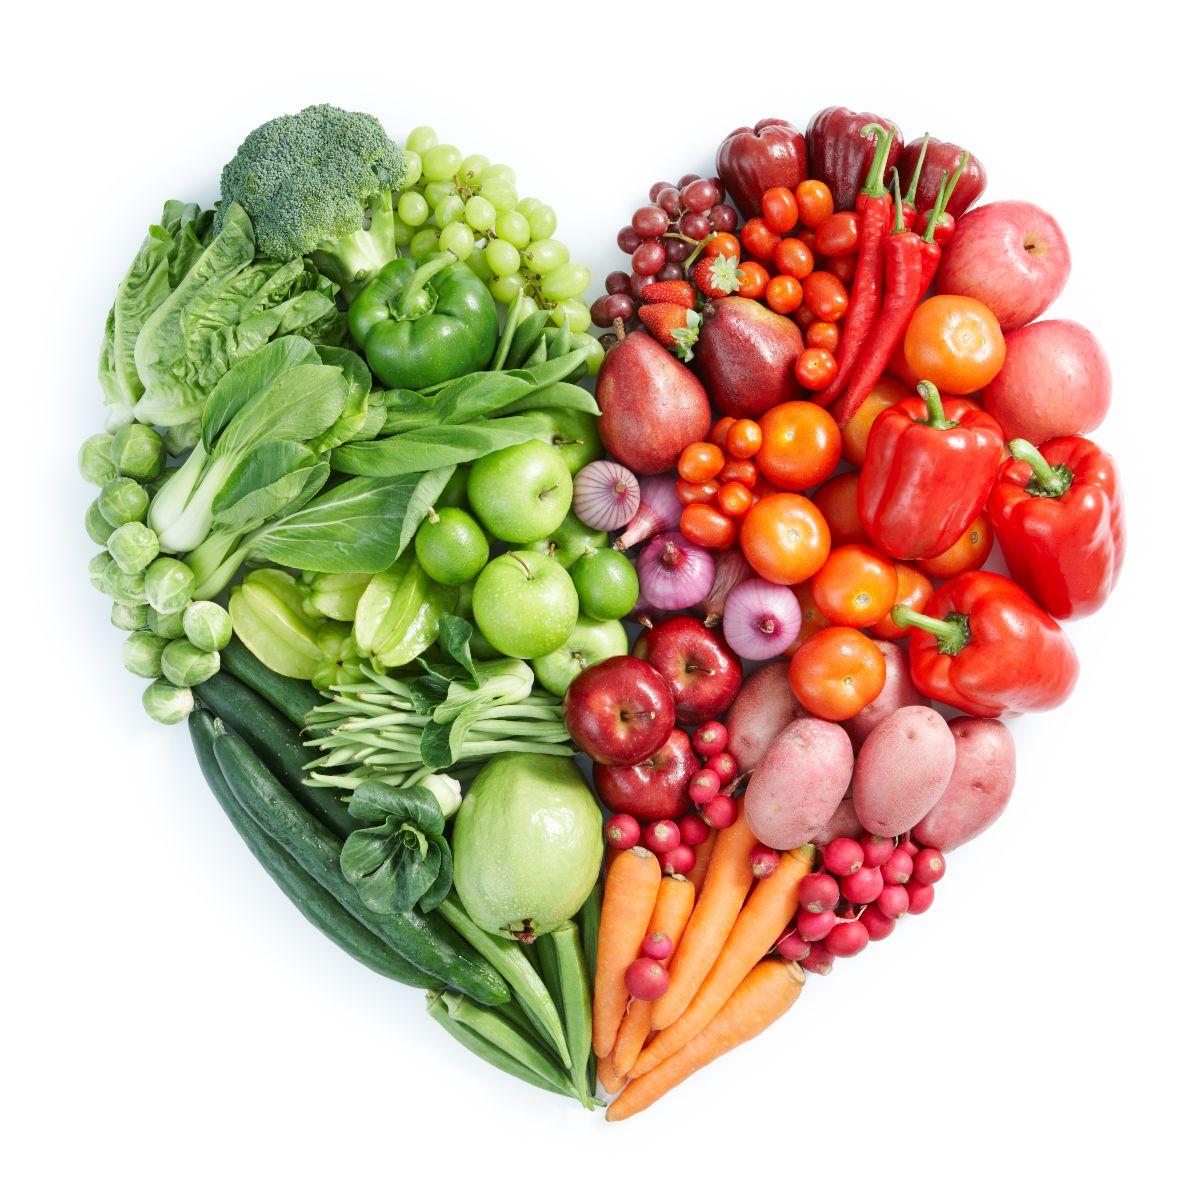 Frutas y verduras en forma de corazón, las verdes en la izquierda, rojas en la derecha